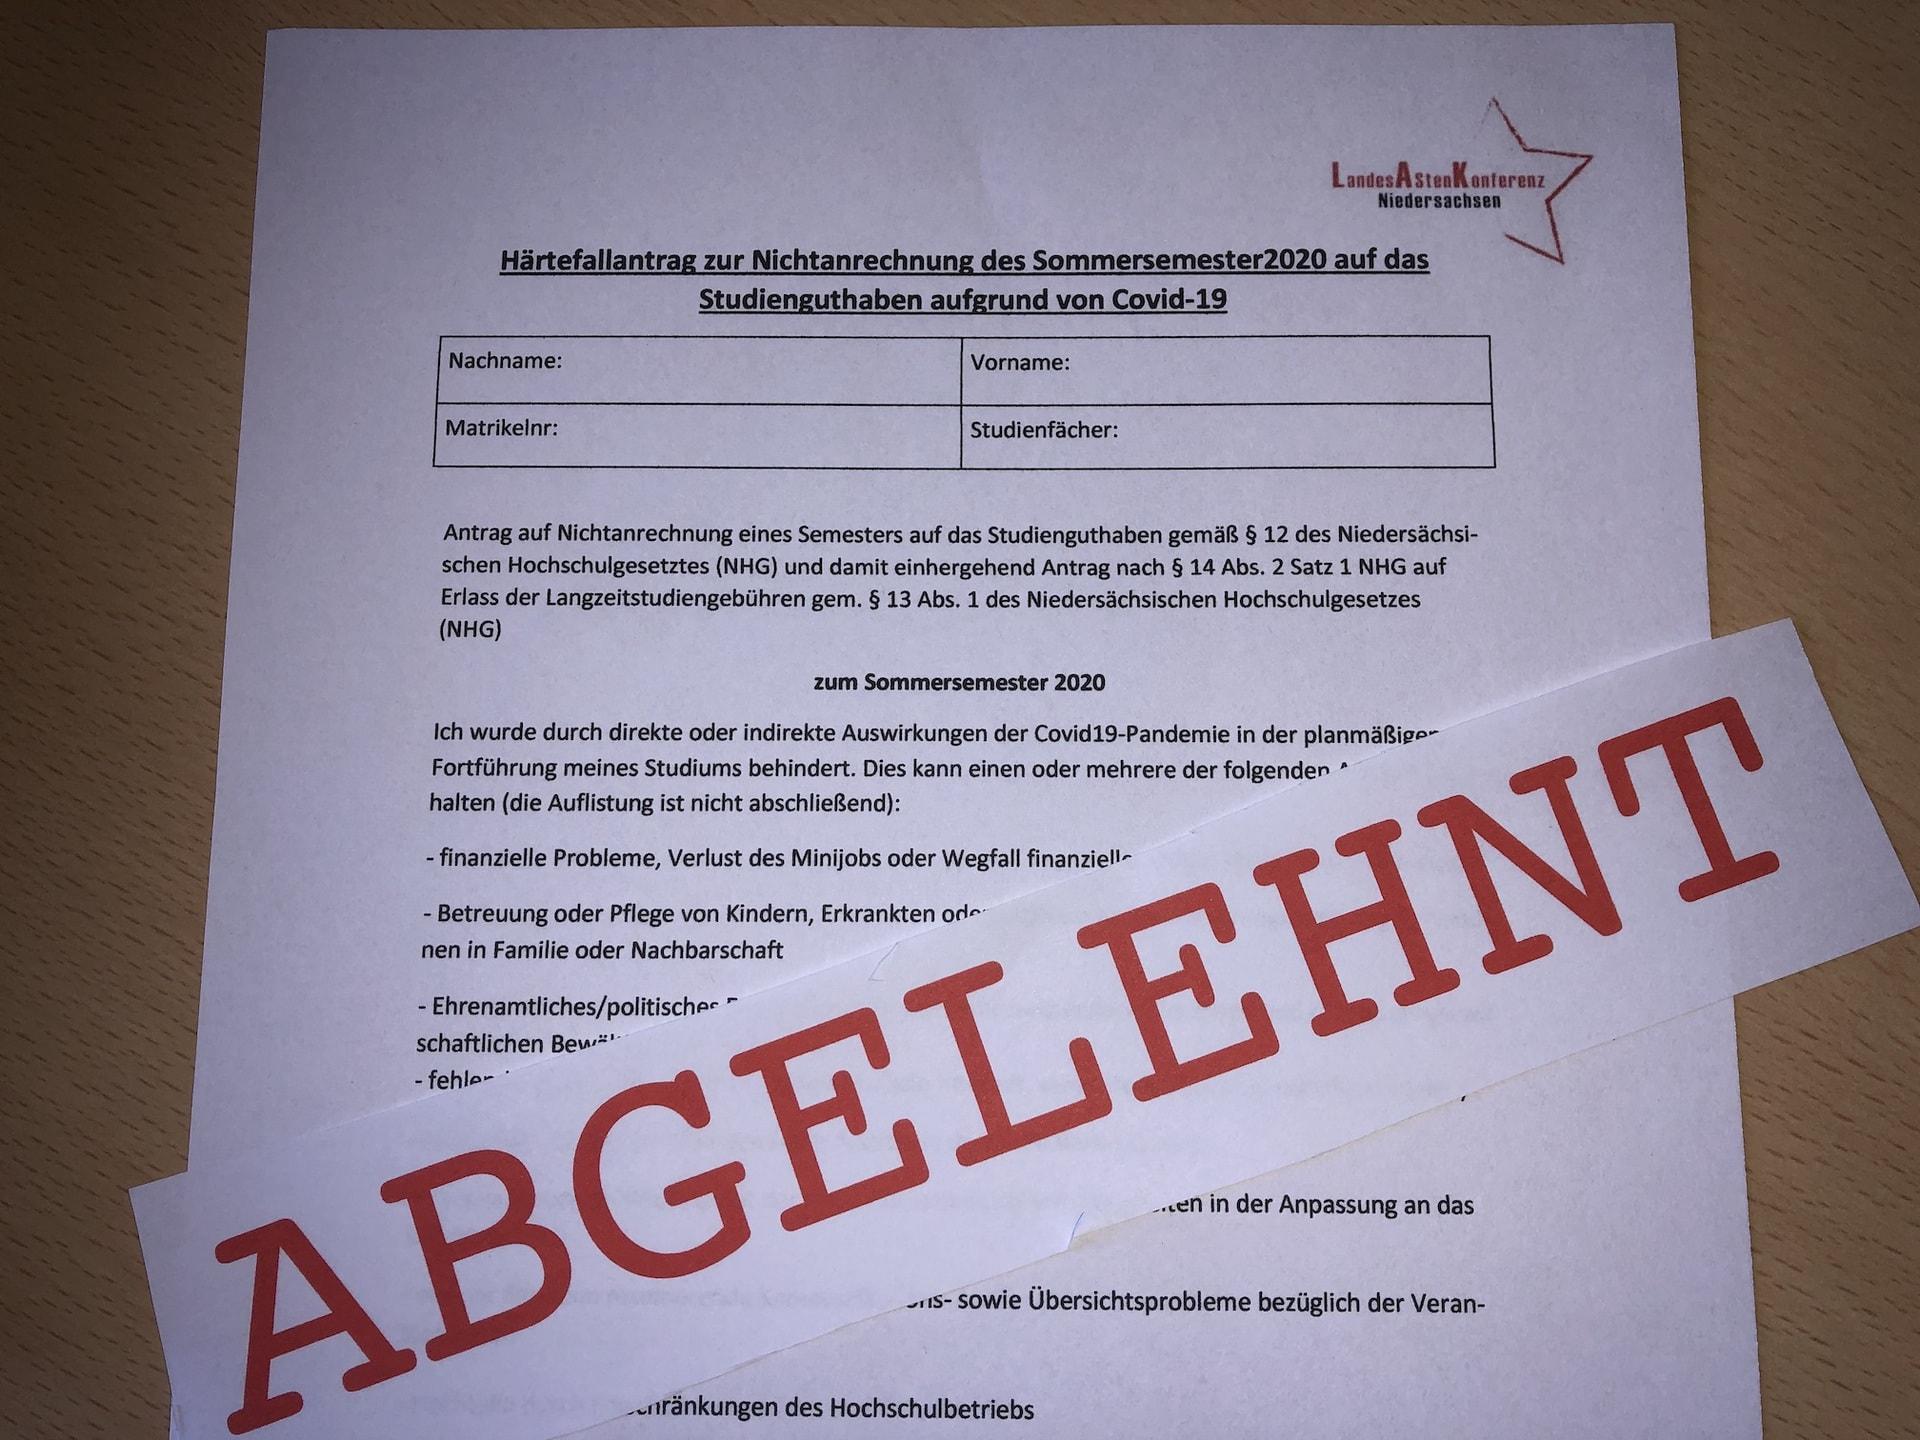 Härtefallantrag LAK Niedersachsen Nichtanrechnung SoSe 2020 - (c) Christopher Bohlens